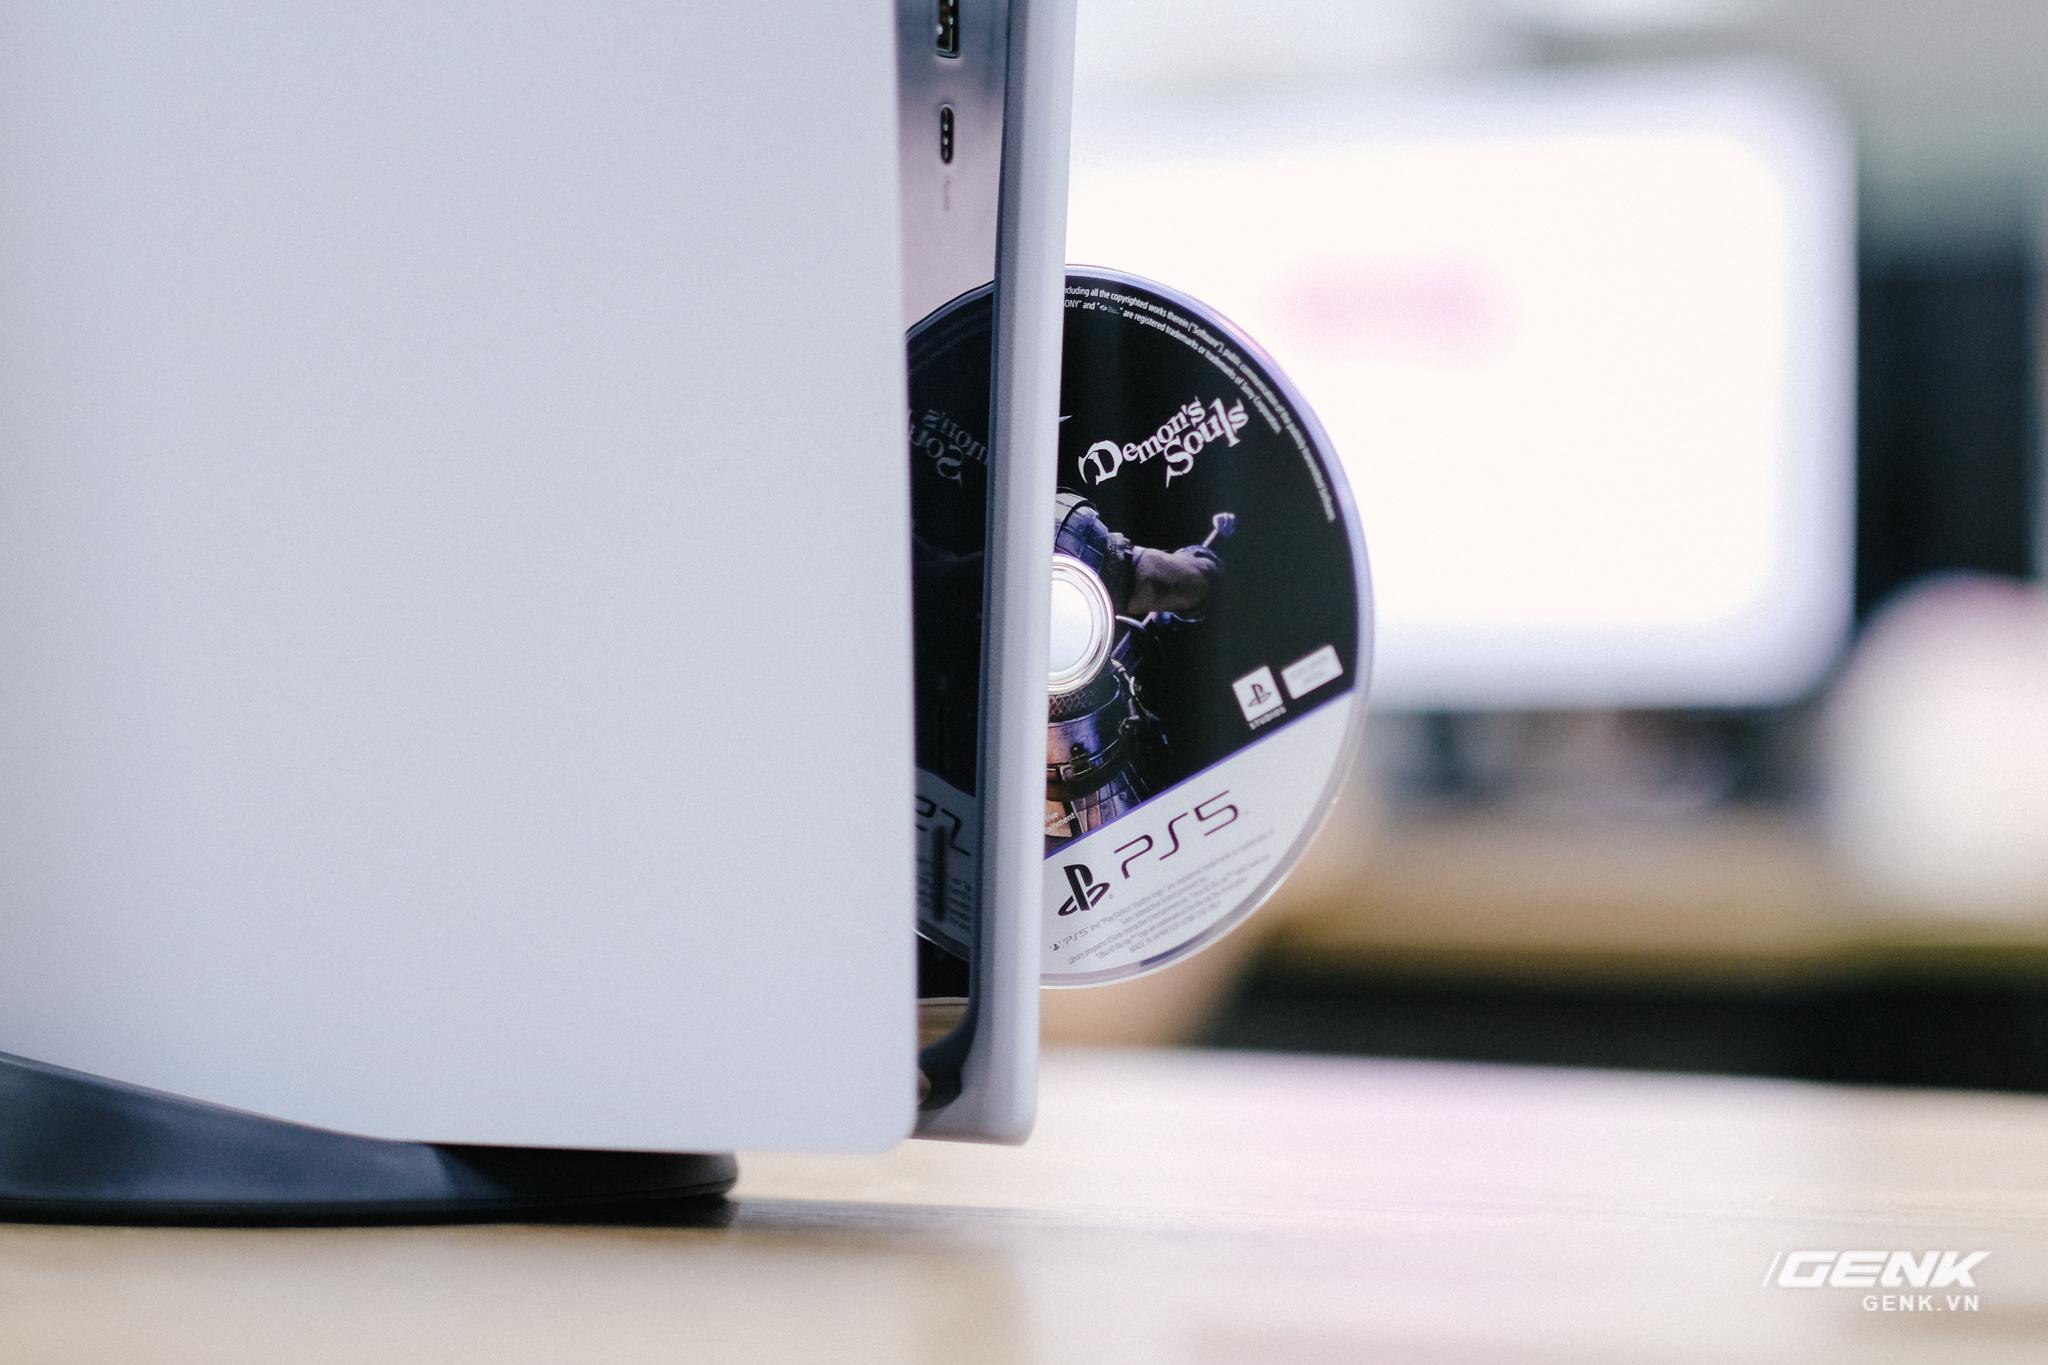 Mở hộp Playstation 5 chính hãng bán tại VN: Cấu hình mạnh, tay cầm xịn, mỗi tội phải mua bia kèm lạc - Ảnh 10.